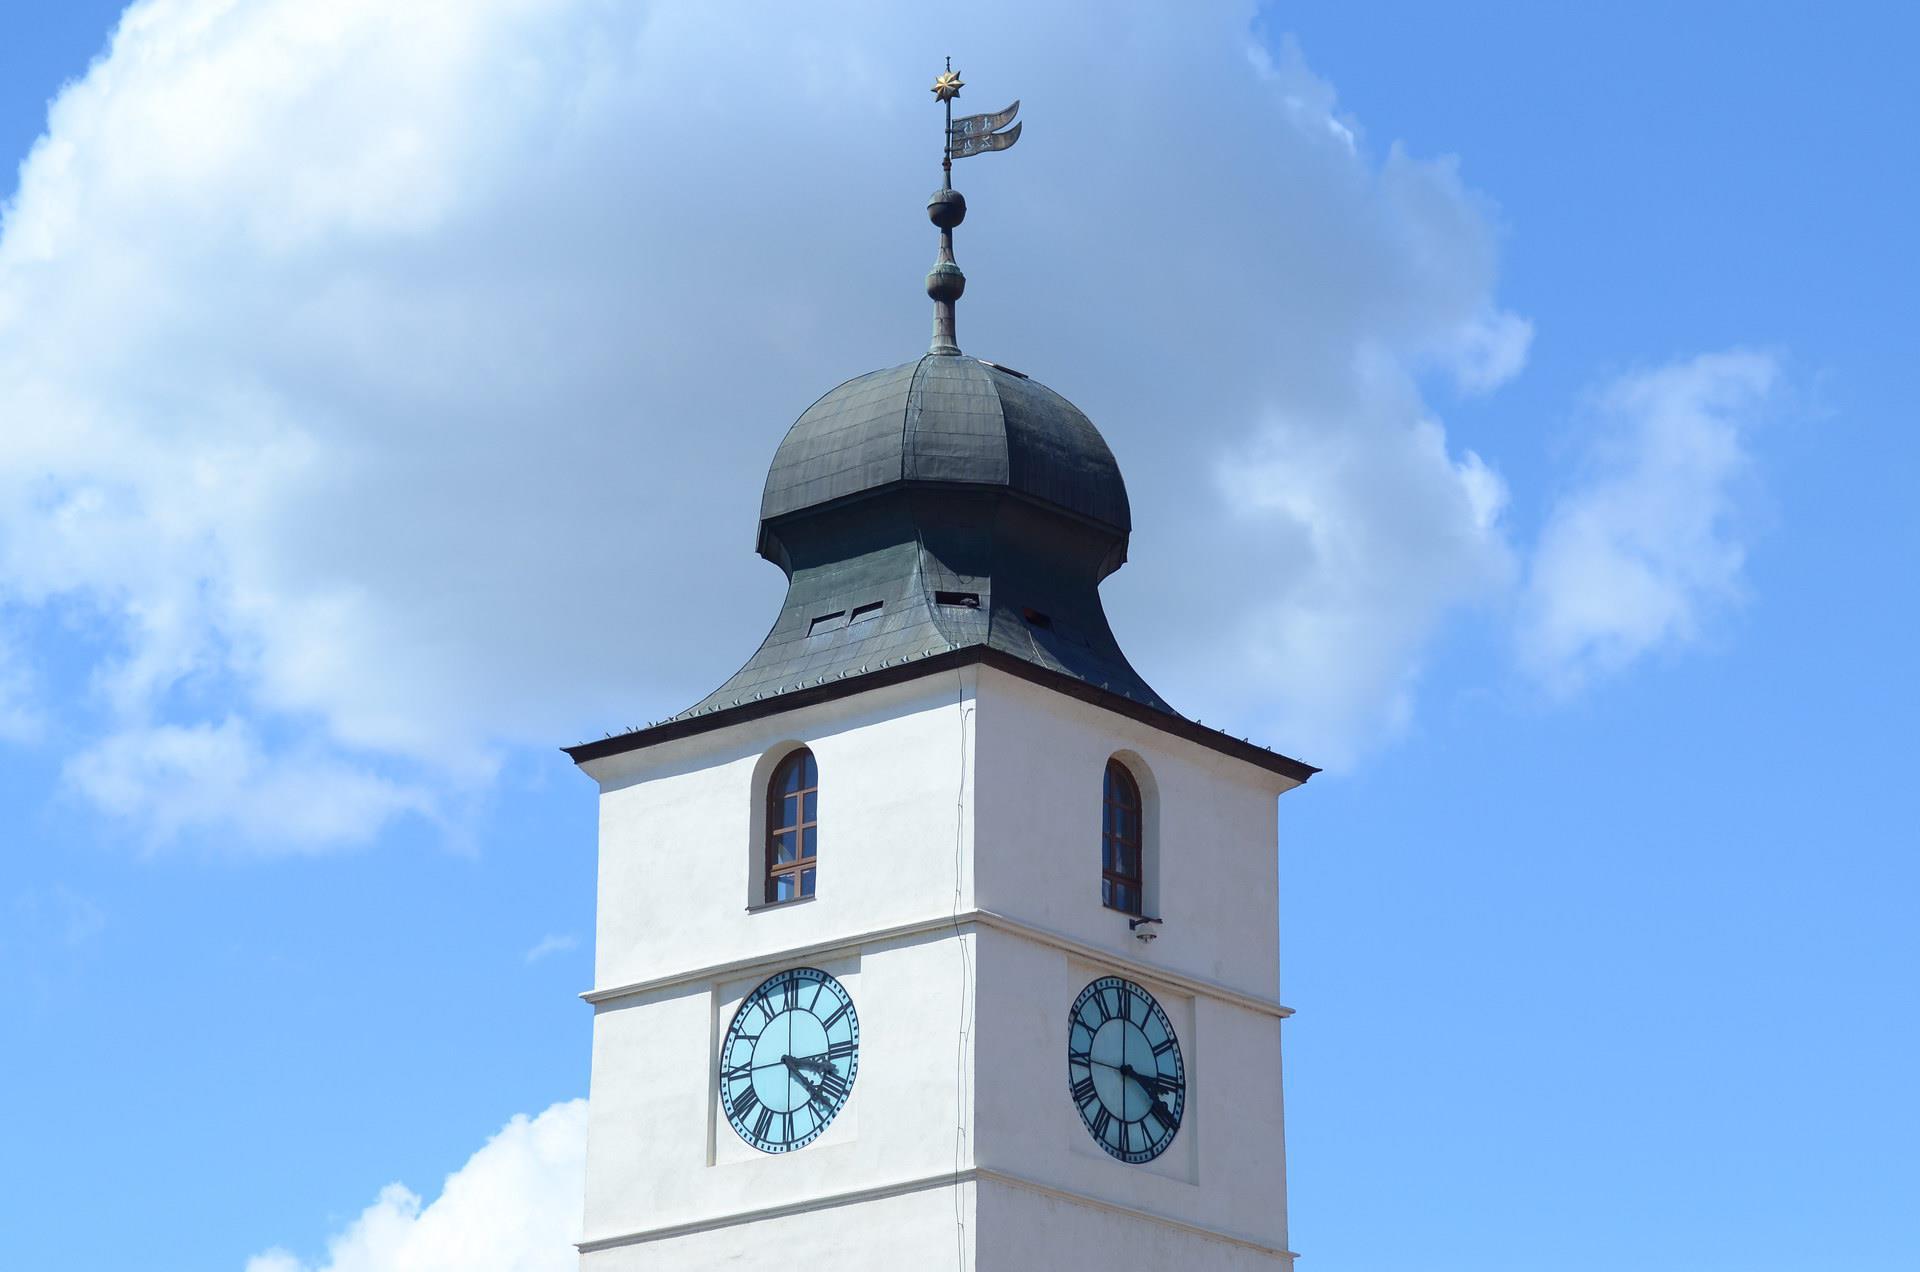 Imagini pentru turnul sfatului  sibiu